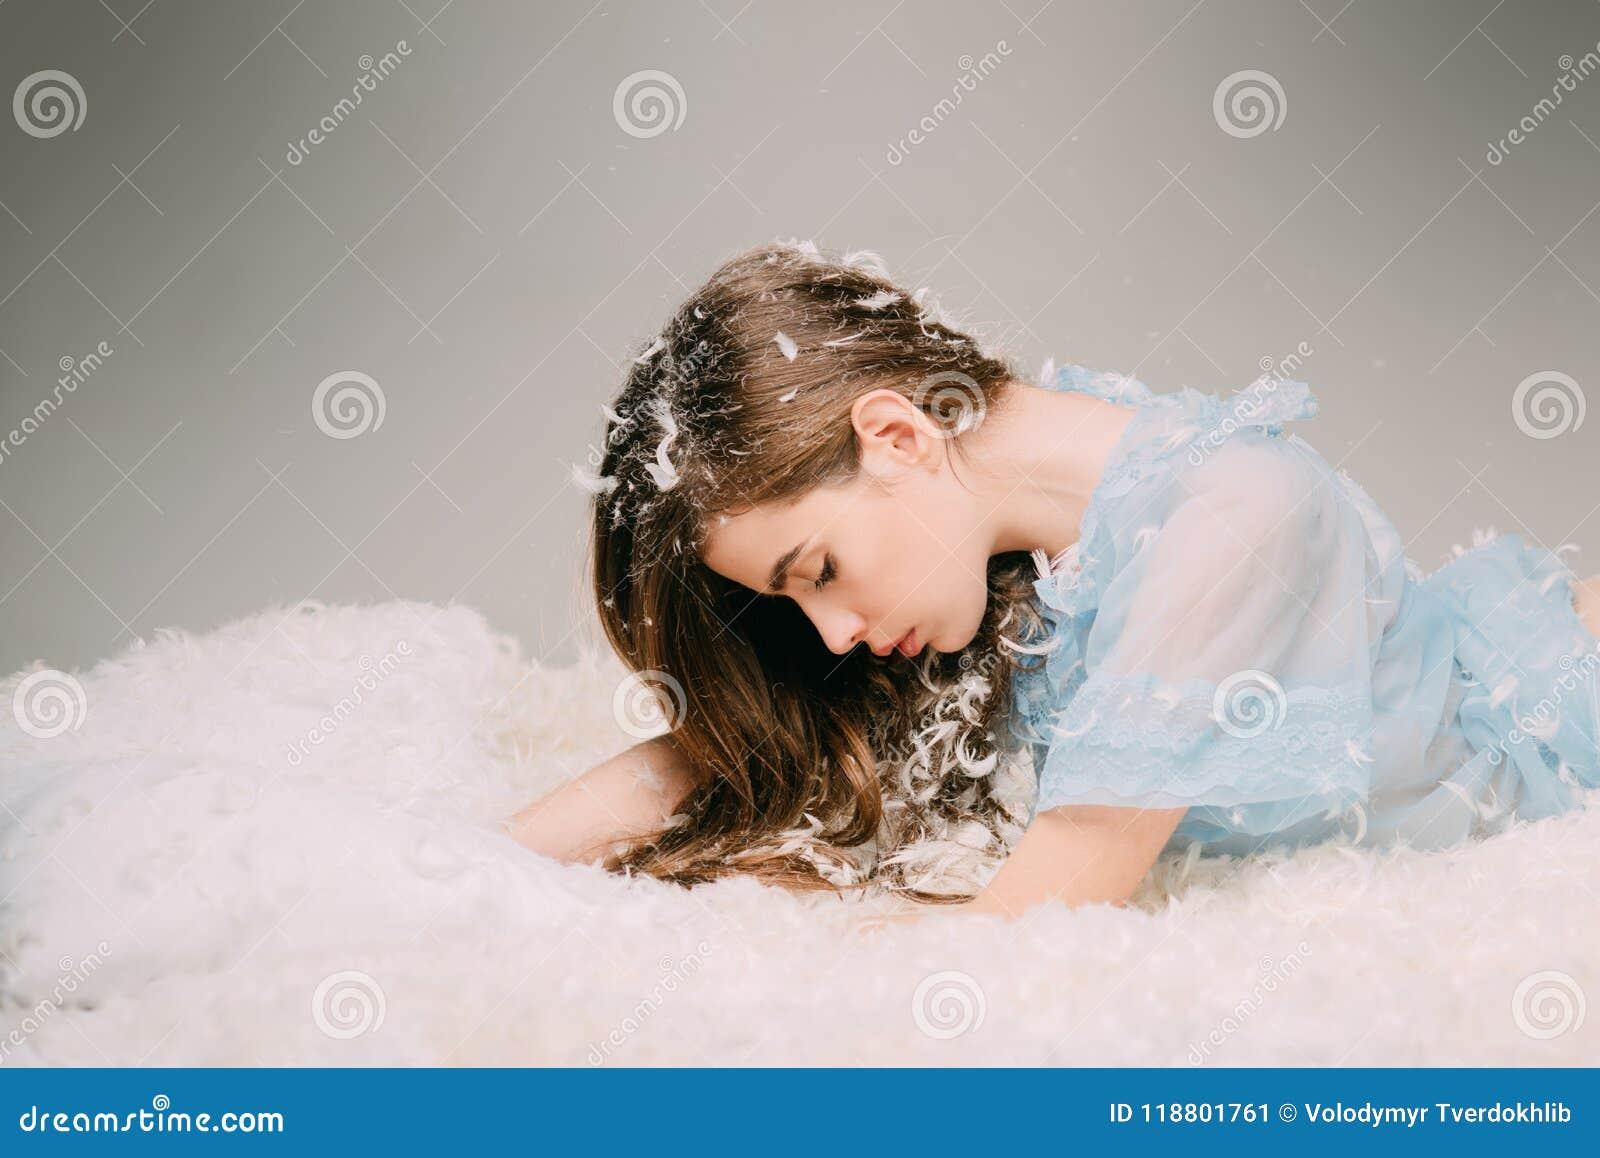 青年概念的柔软和脆弱 说谎在灰色背景的昏昏欲睡的床上的侧视图十几岁的女孩 美丽